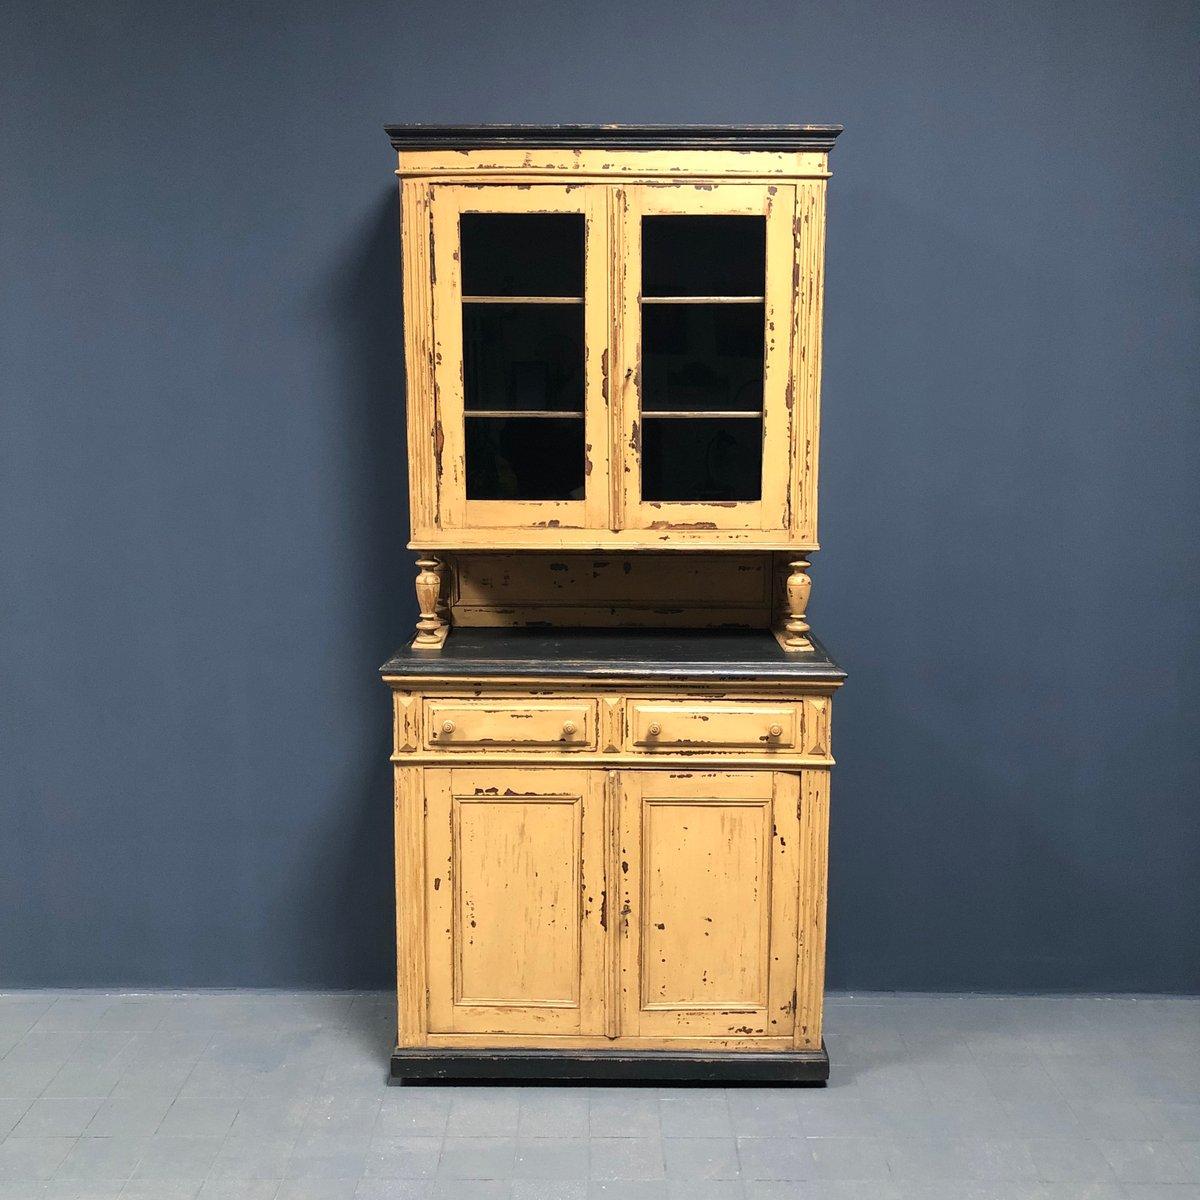 Credenza da cucina antica, Francia, fine XIX secolo in vendita su Pamono